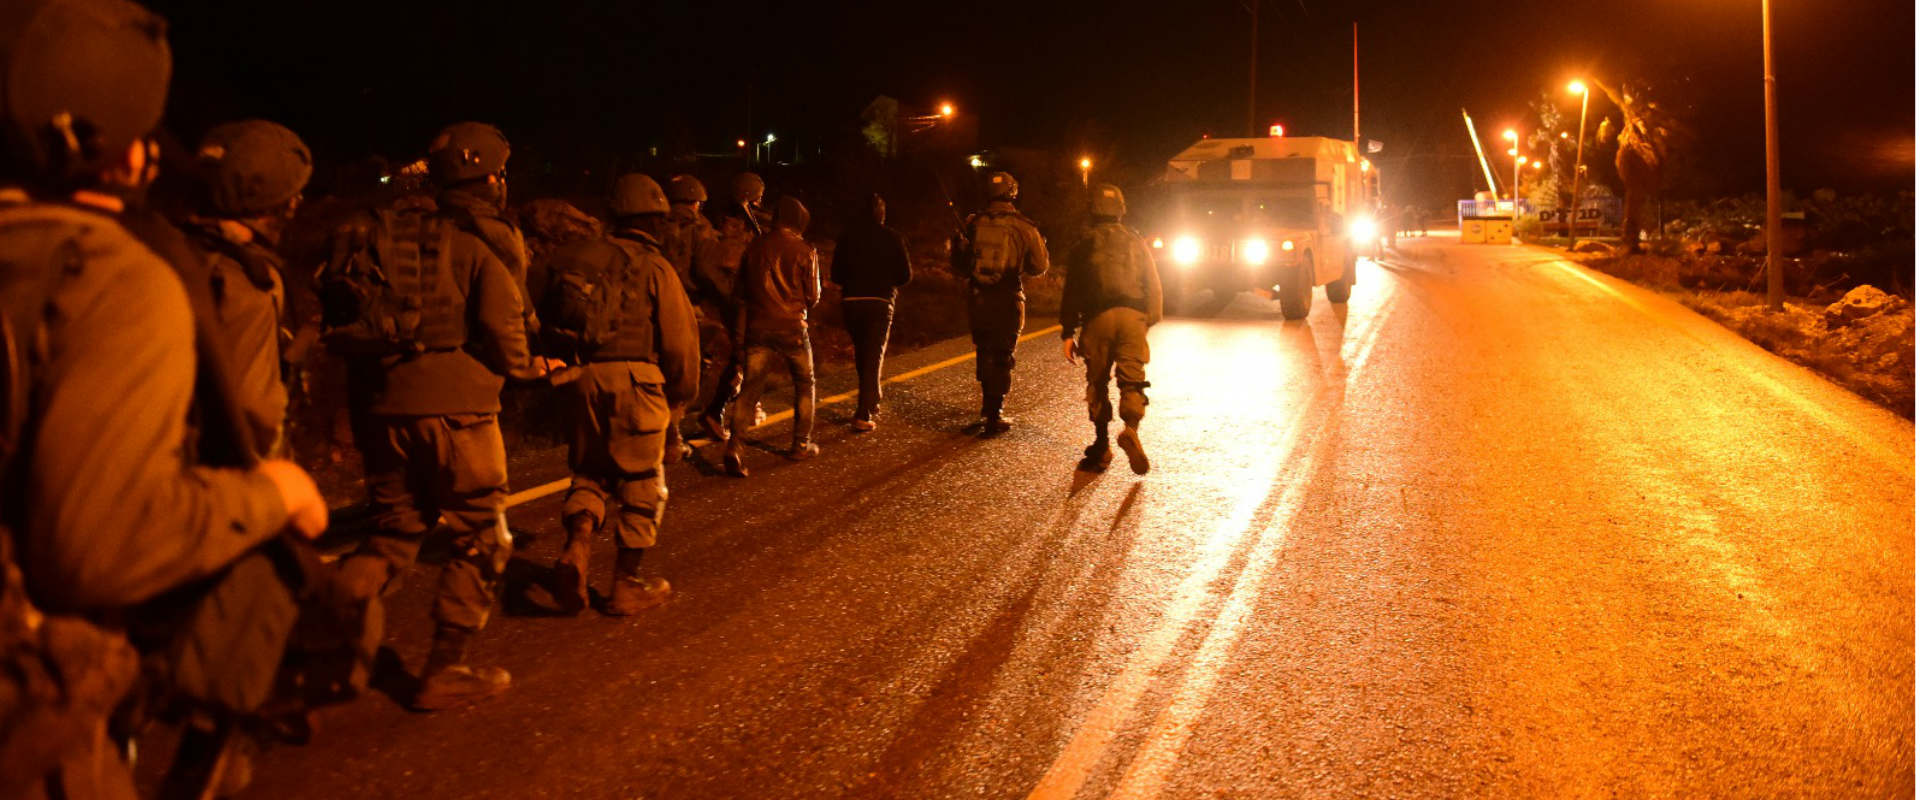 פעילות כוחות הביטחון סמוך לקוסרא